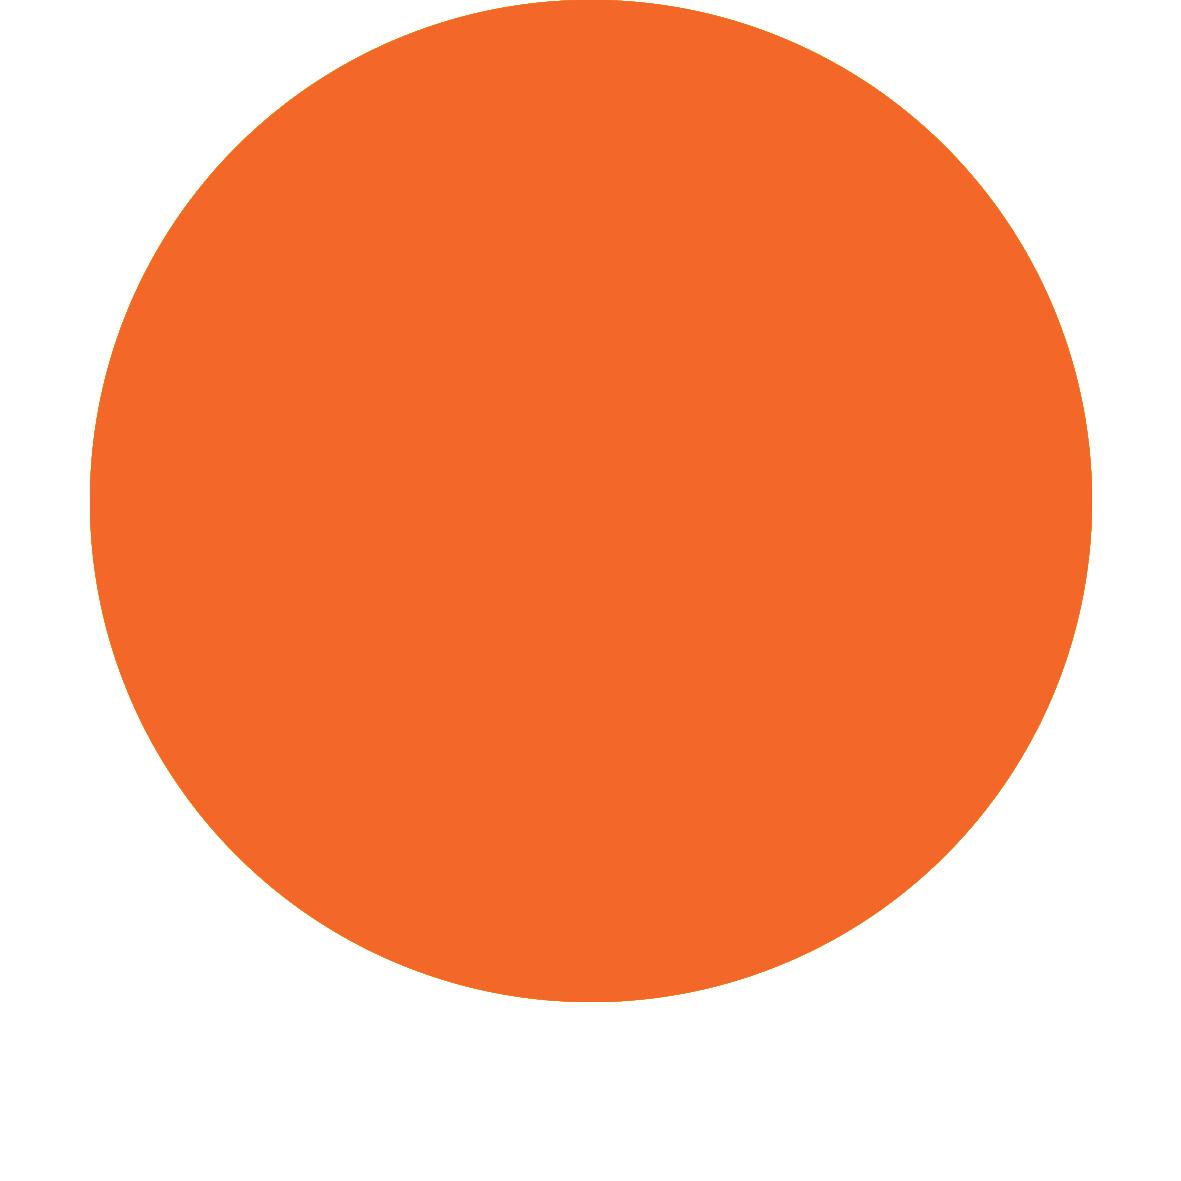 C.I. Orange 34 (R)(Orange F2R) -